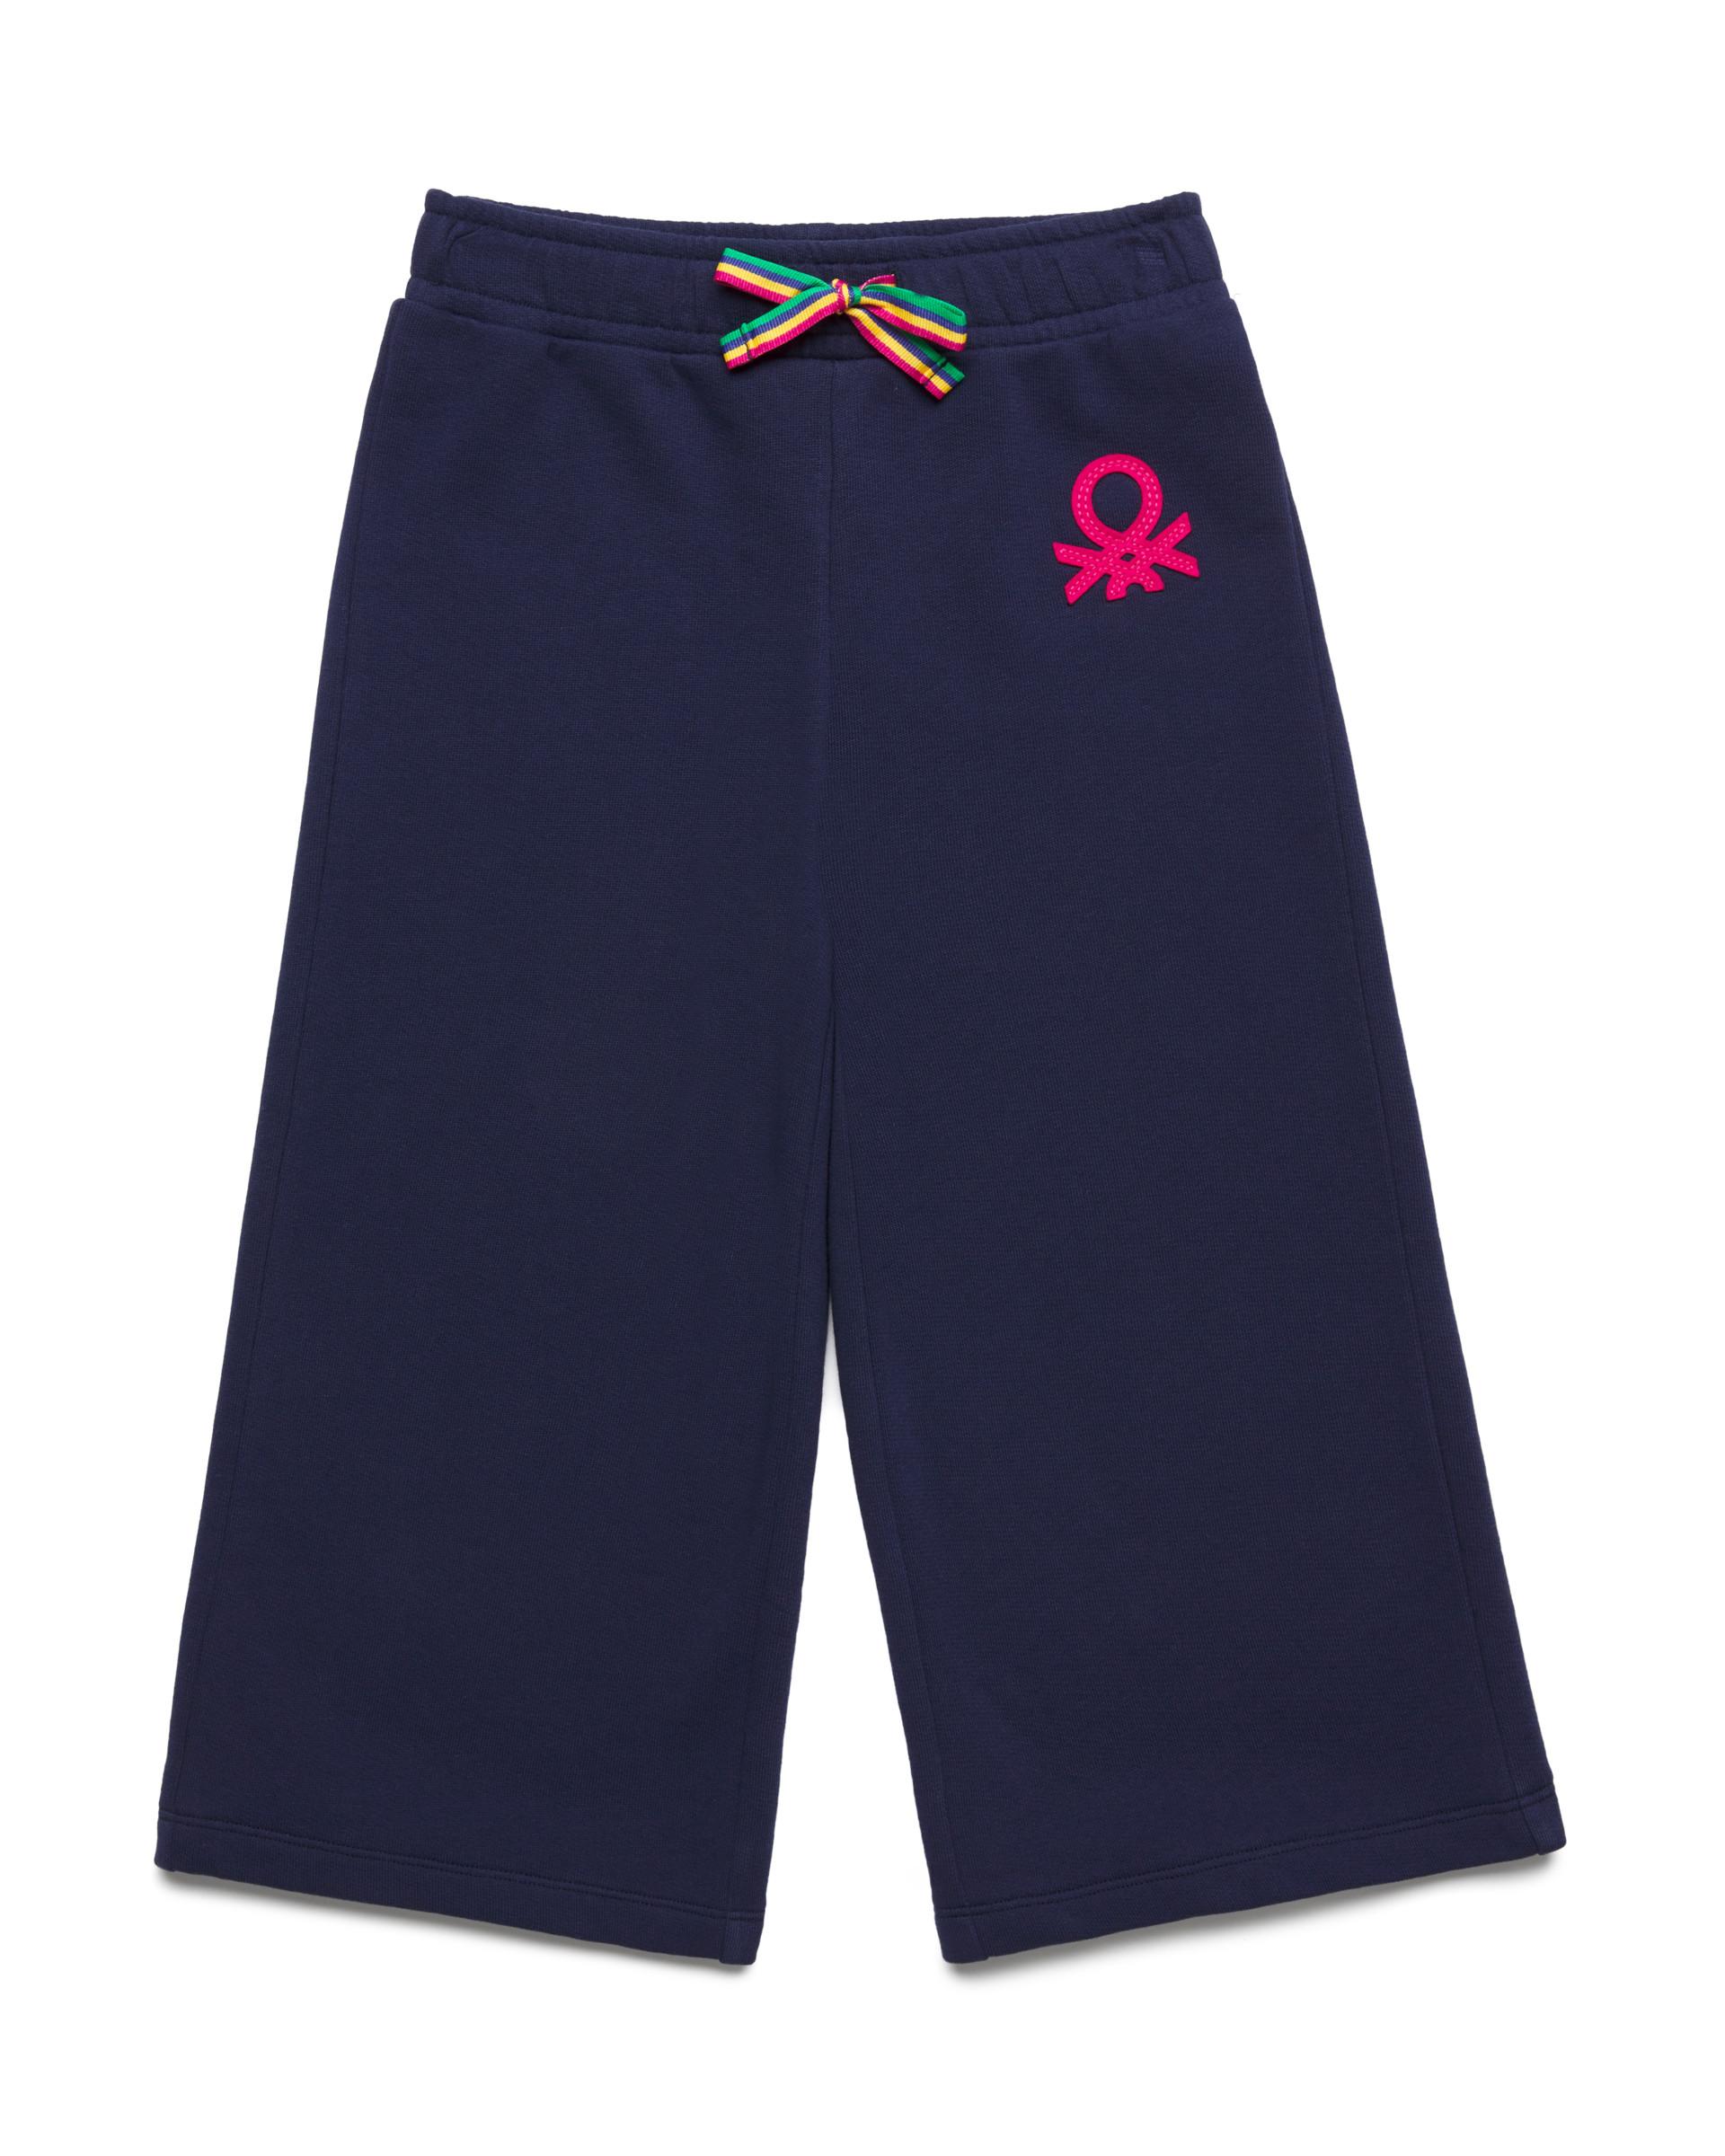 Купить 20P_3J68I0982_252, Спортивные брюки-кюлоты 3/4 для девочек Benetton 3J68I0982_252 р-р 140, United Colors of Benetton, Брюки для девочек